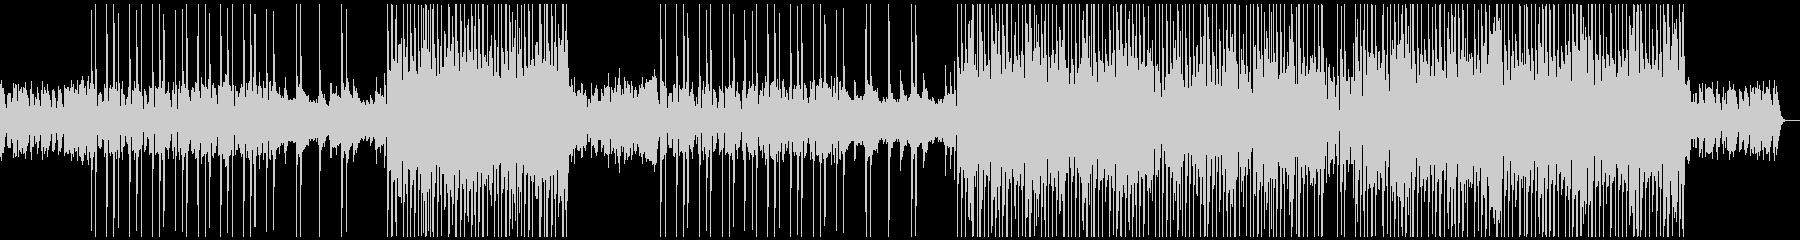 牧歌的な洋楽ポップ/カントリー風BGMの未再生の波形